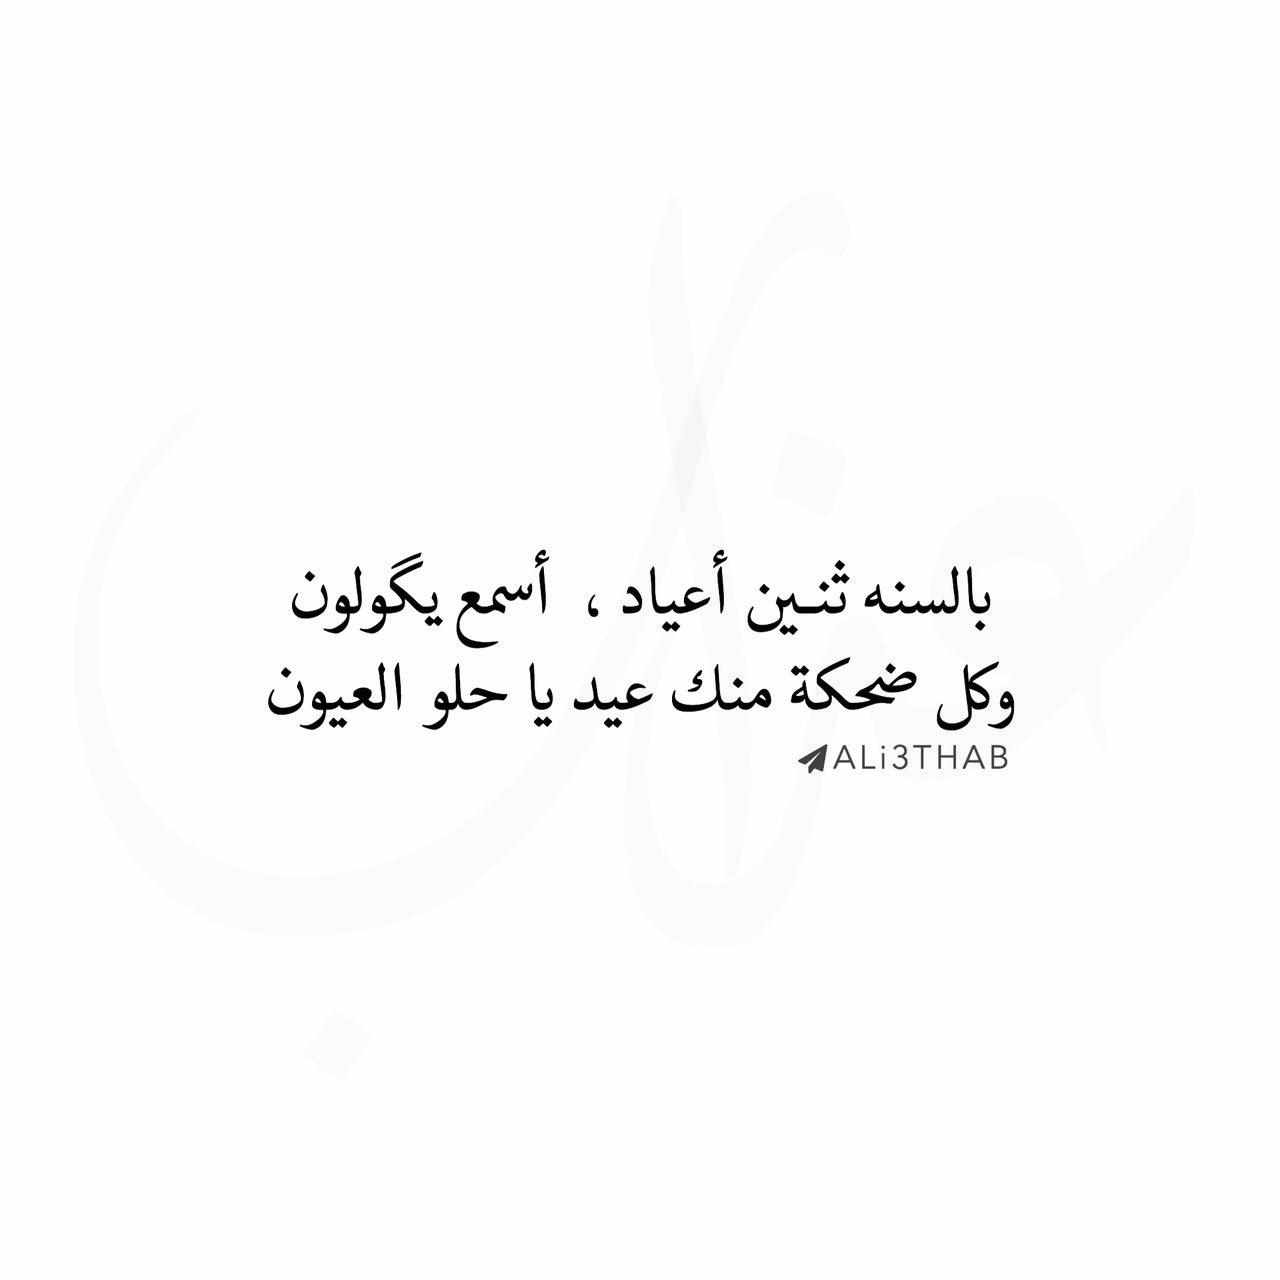 الخط العربي, عيد الاضحى, and حُبْ image